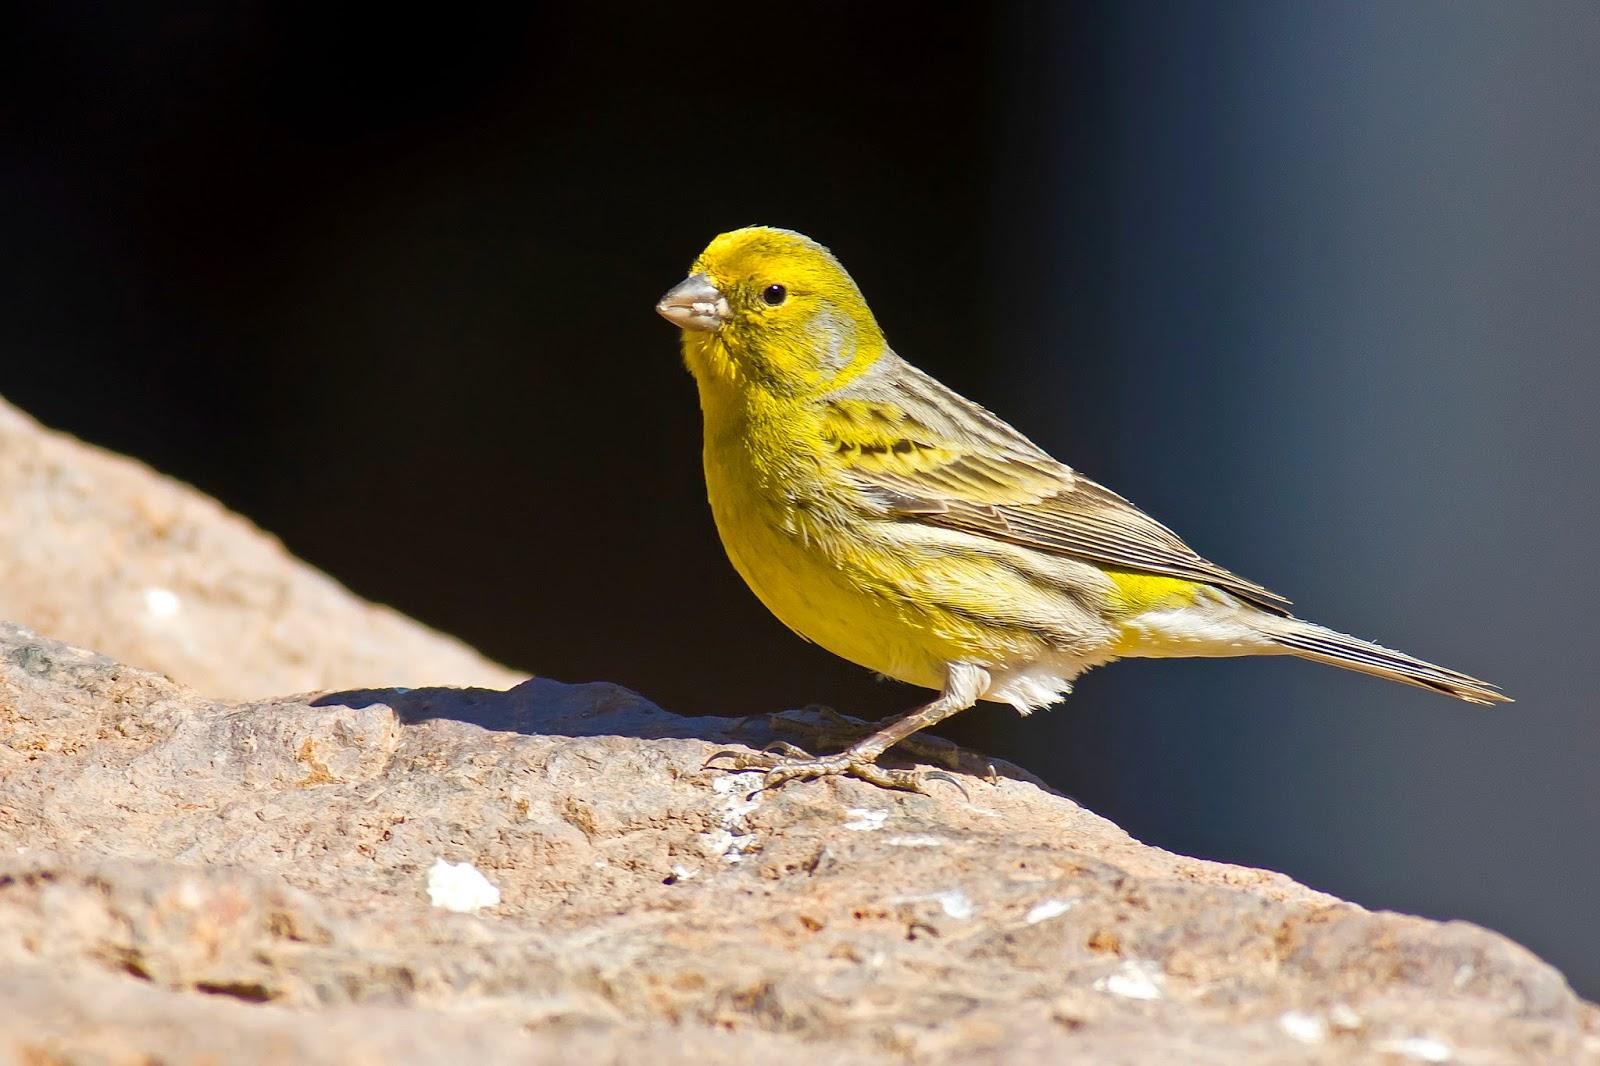 alasan memelihara burung, mengapa memelihara burung